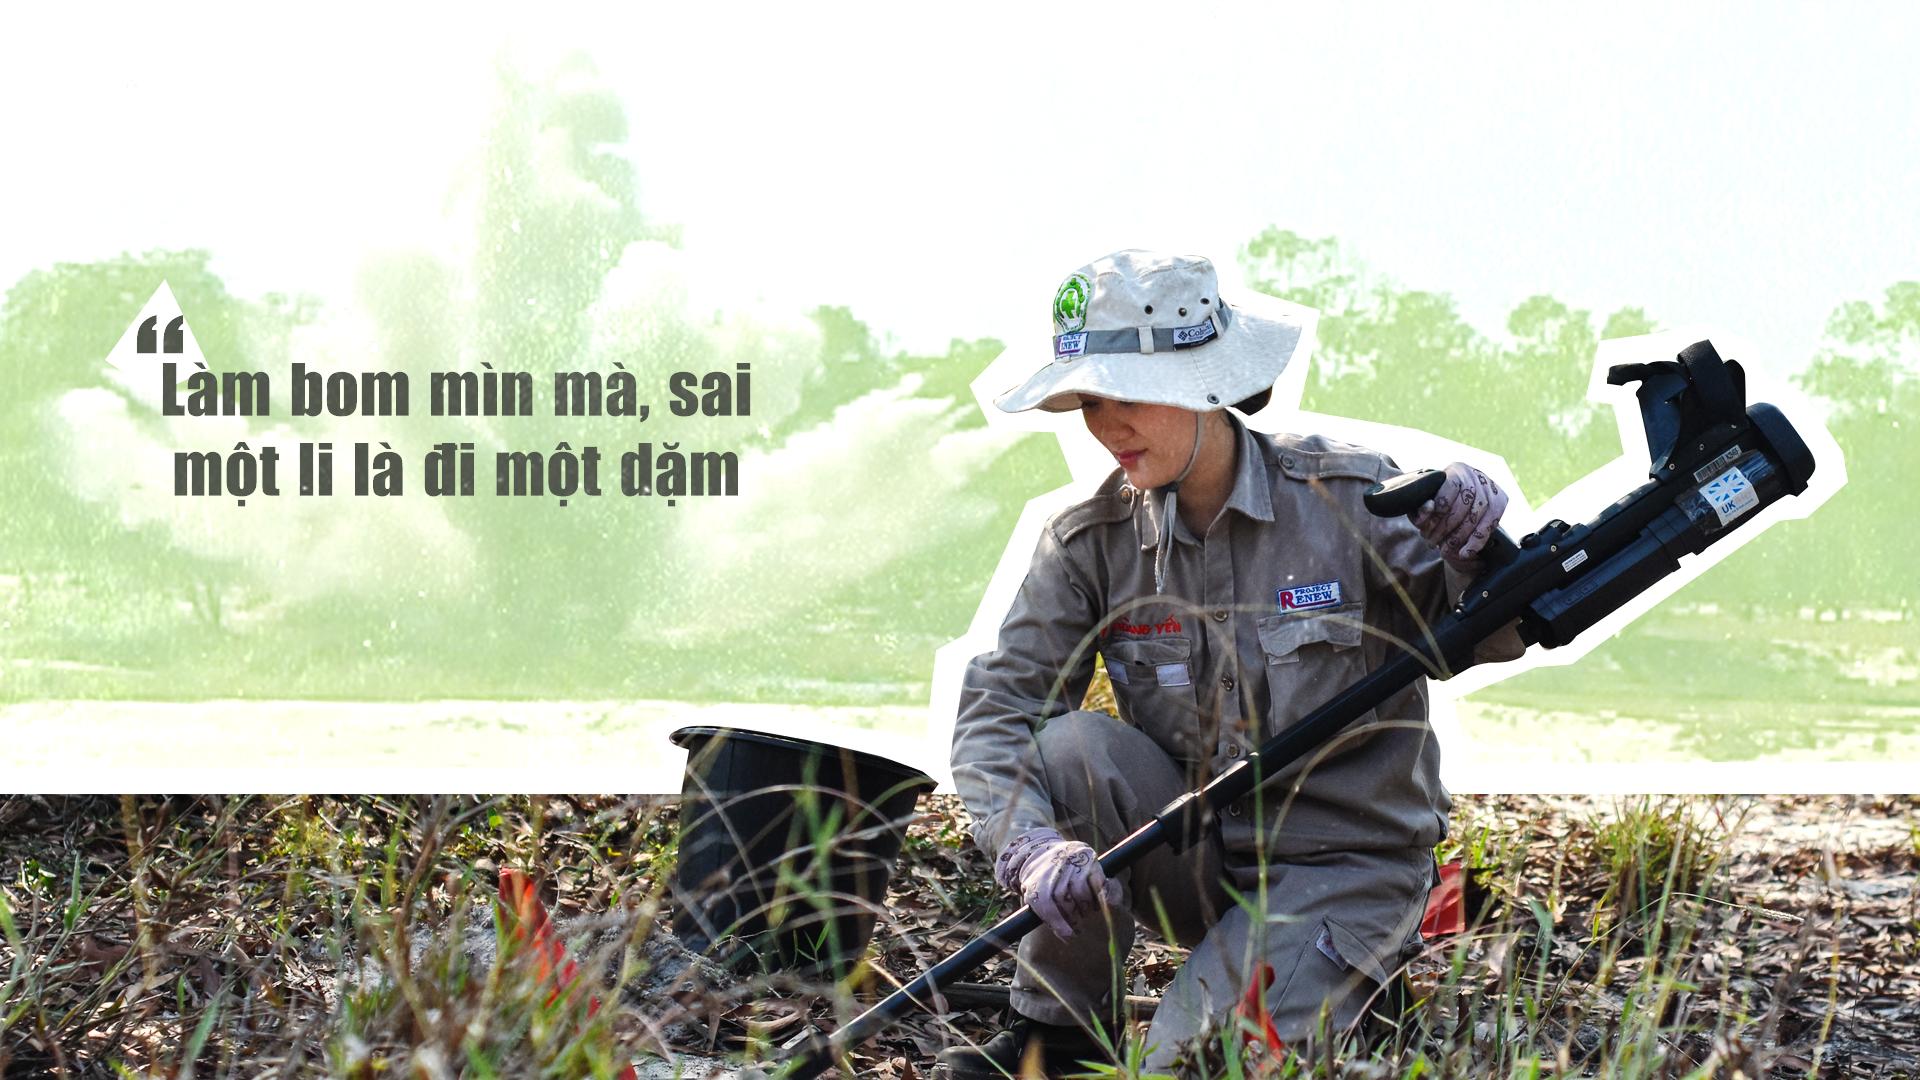 Đội nữ rà phá bom, mìn vùng 'đất lửa' Quảng Trị - ảnh 1